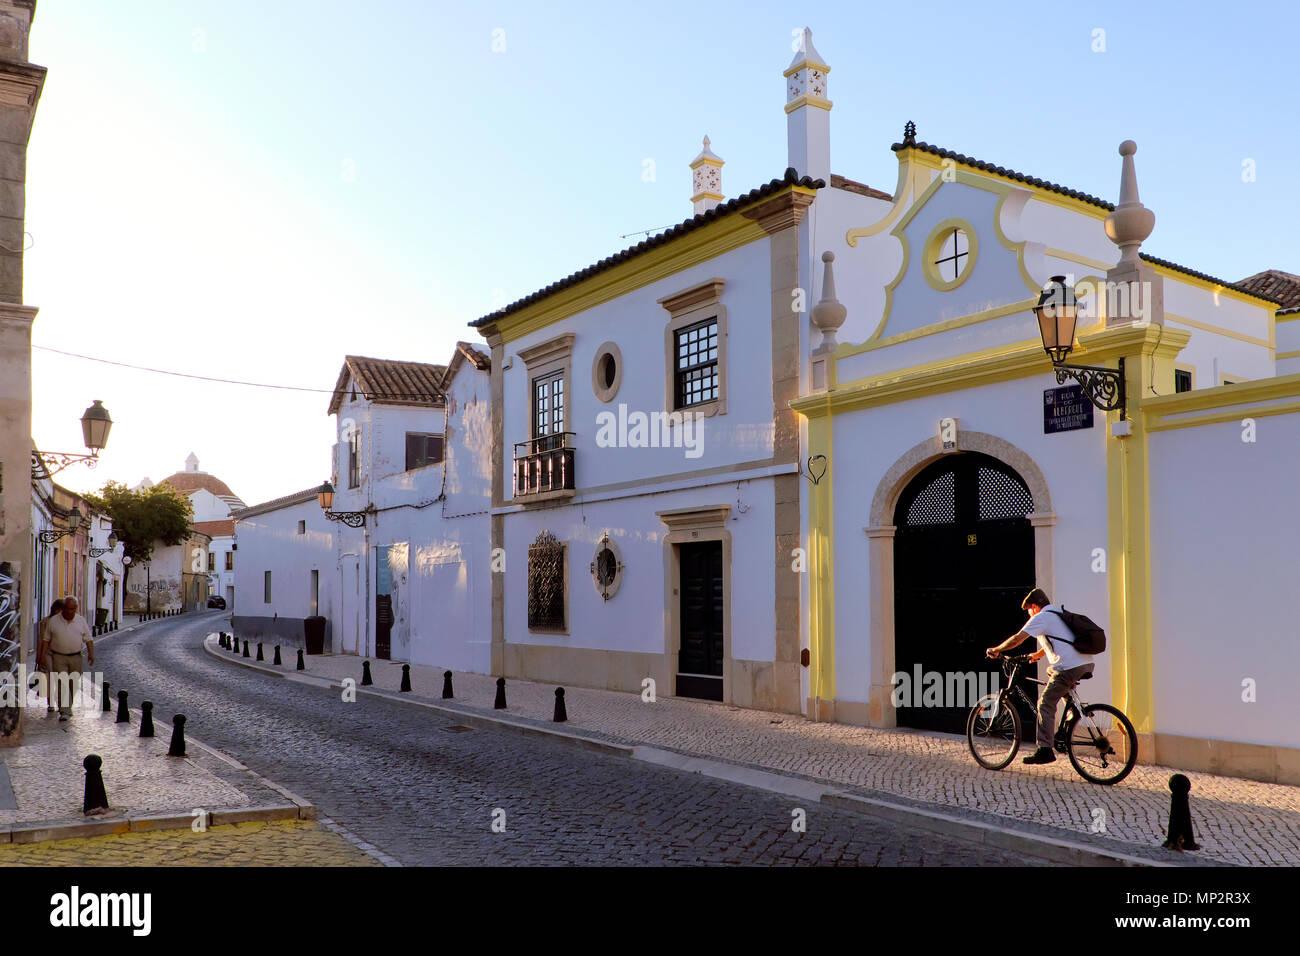 A street in the Old Town / Vila Adentro / Cidade Velha, Faro, Algarve, Portugal - Stock Image